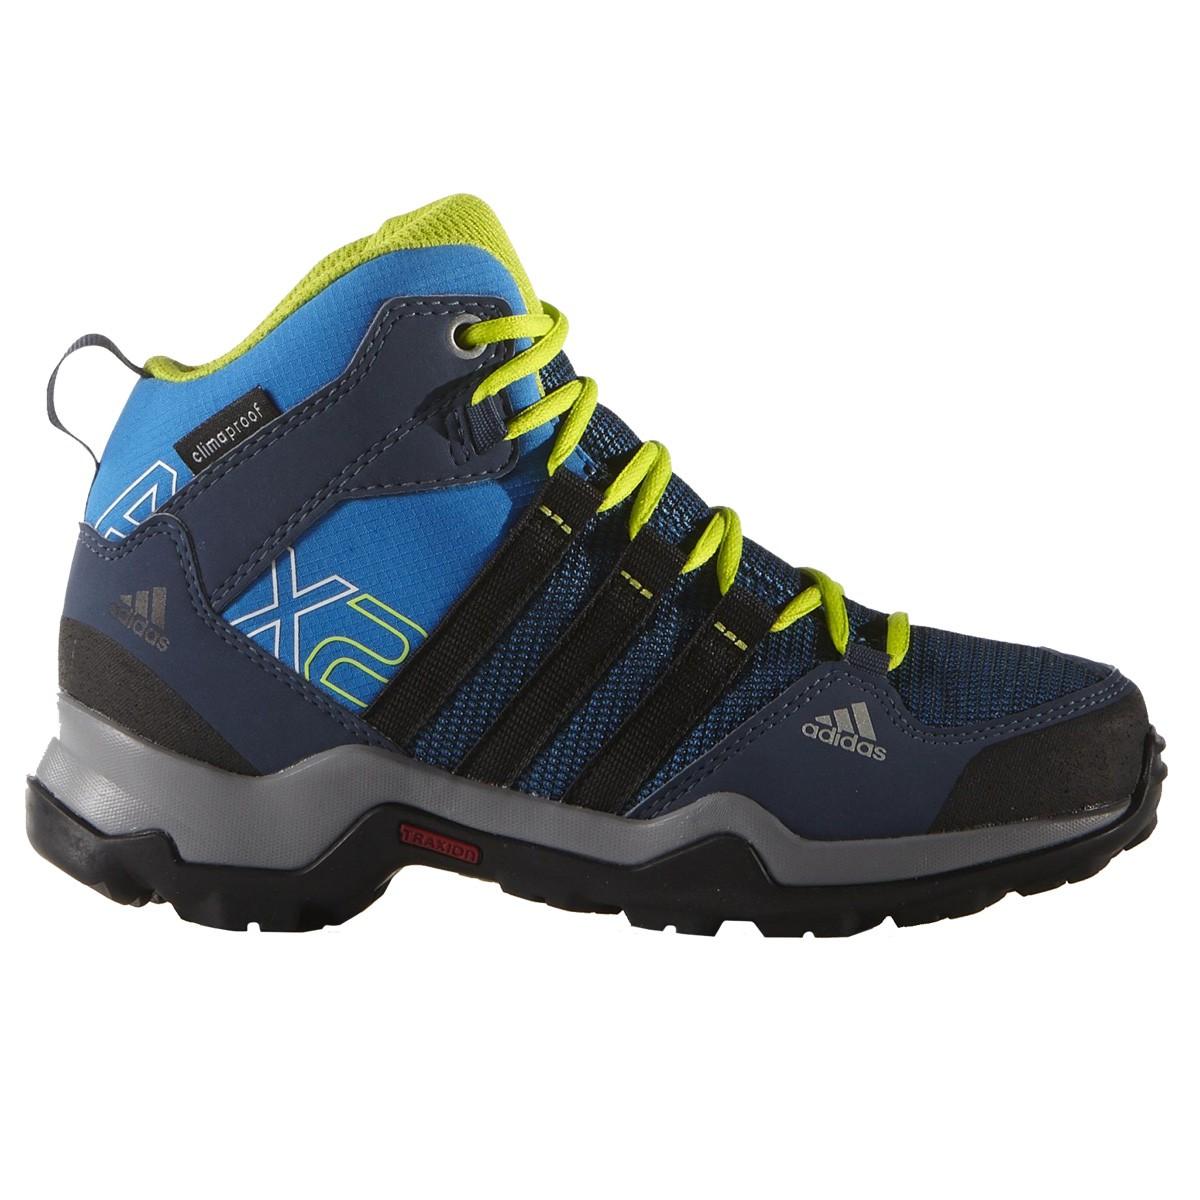 scarpe trekking adidas donna